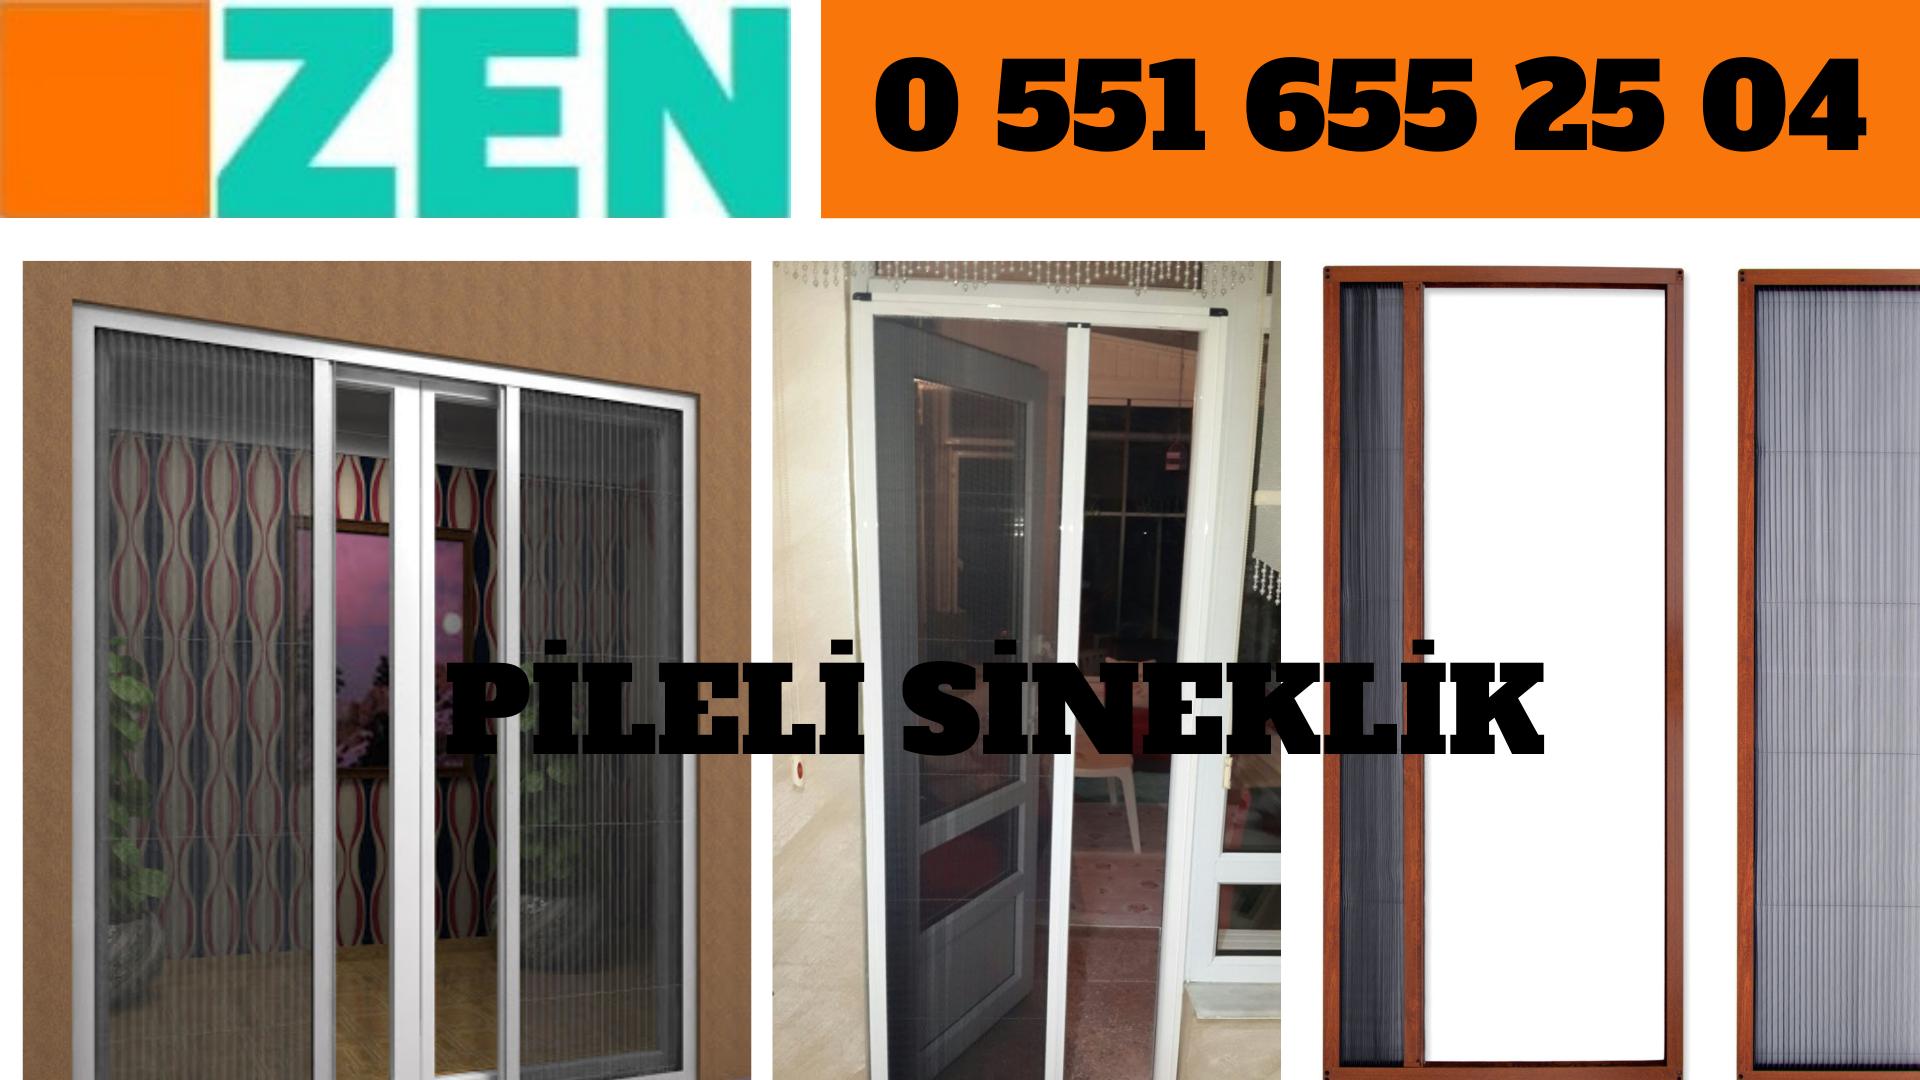 Pileli pencere sinekliği İzmir